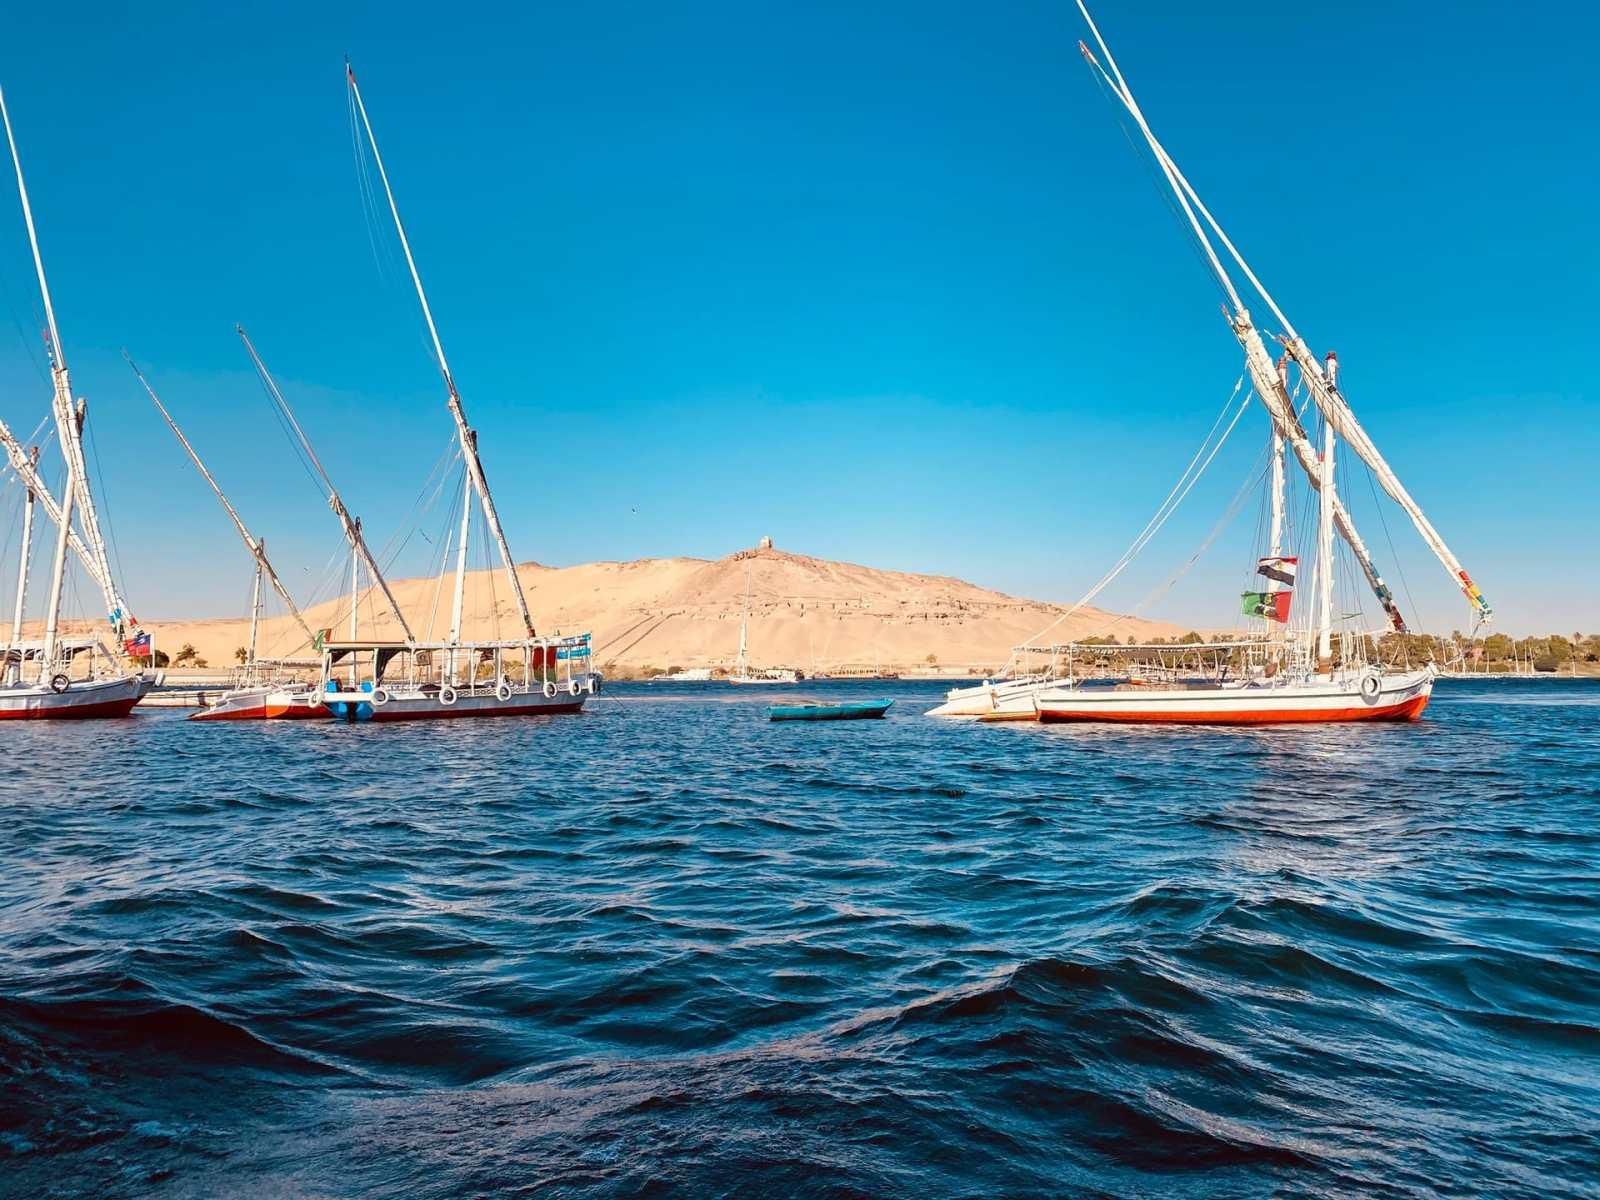 Las mejores zonas donde alojarse en Asuán, Egipto